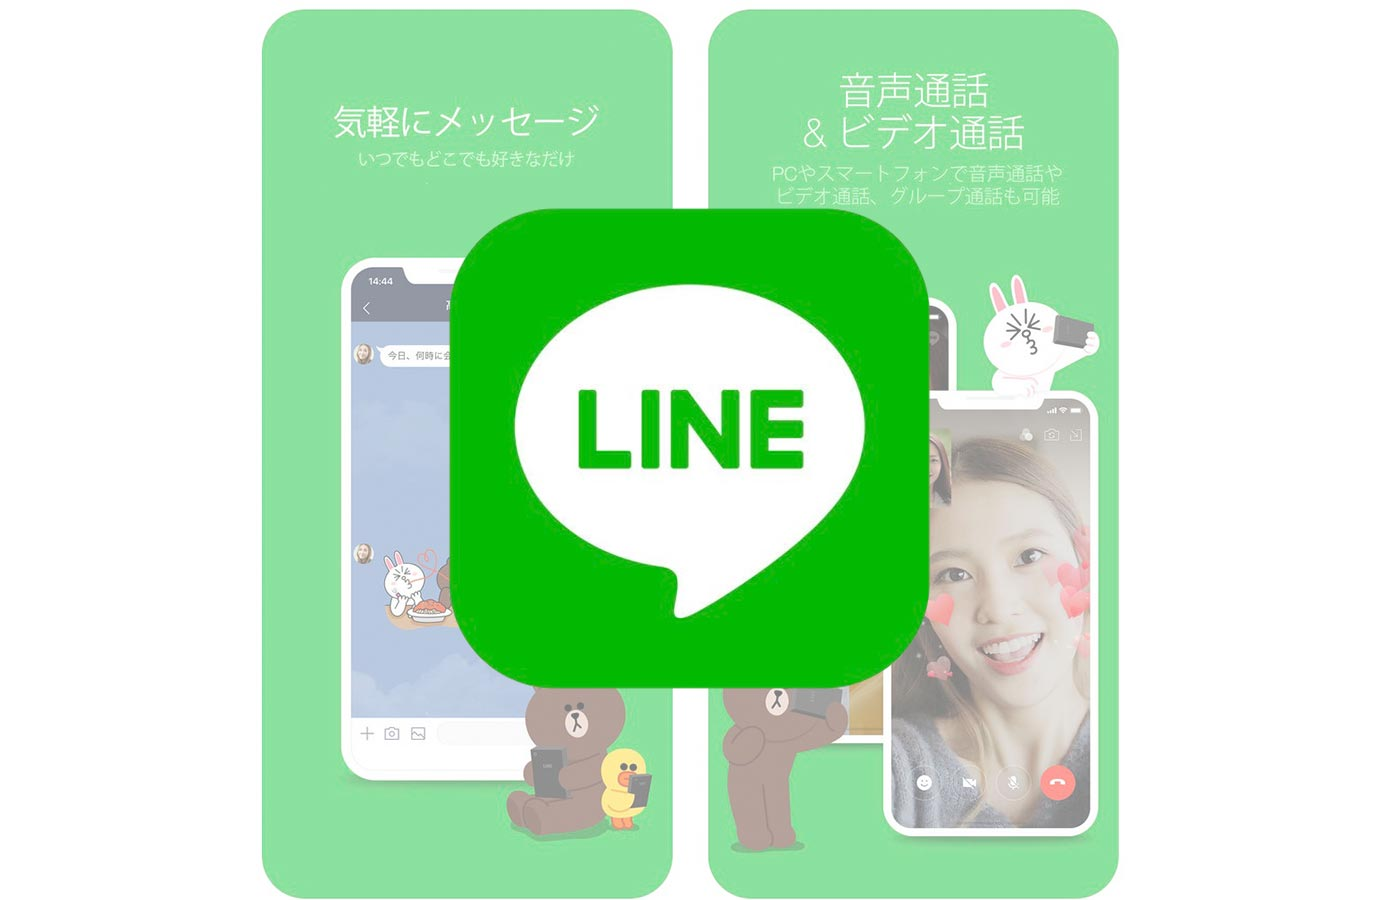 LINE、iOSアプリ「LINE」の過去のバージョン(ver7.1.3~7.15)に脆弱性があることを発表 ― 最新版へのアップデートを